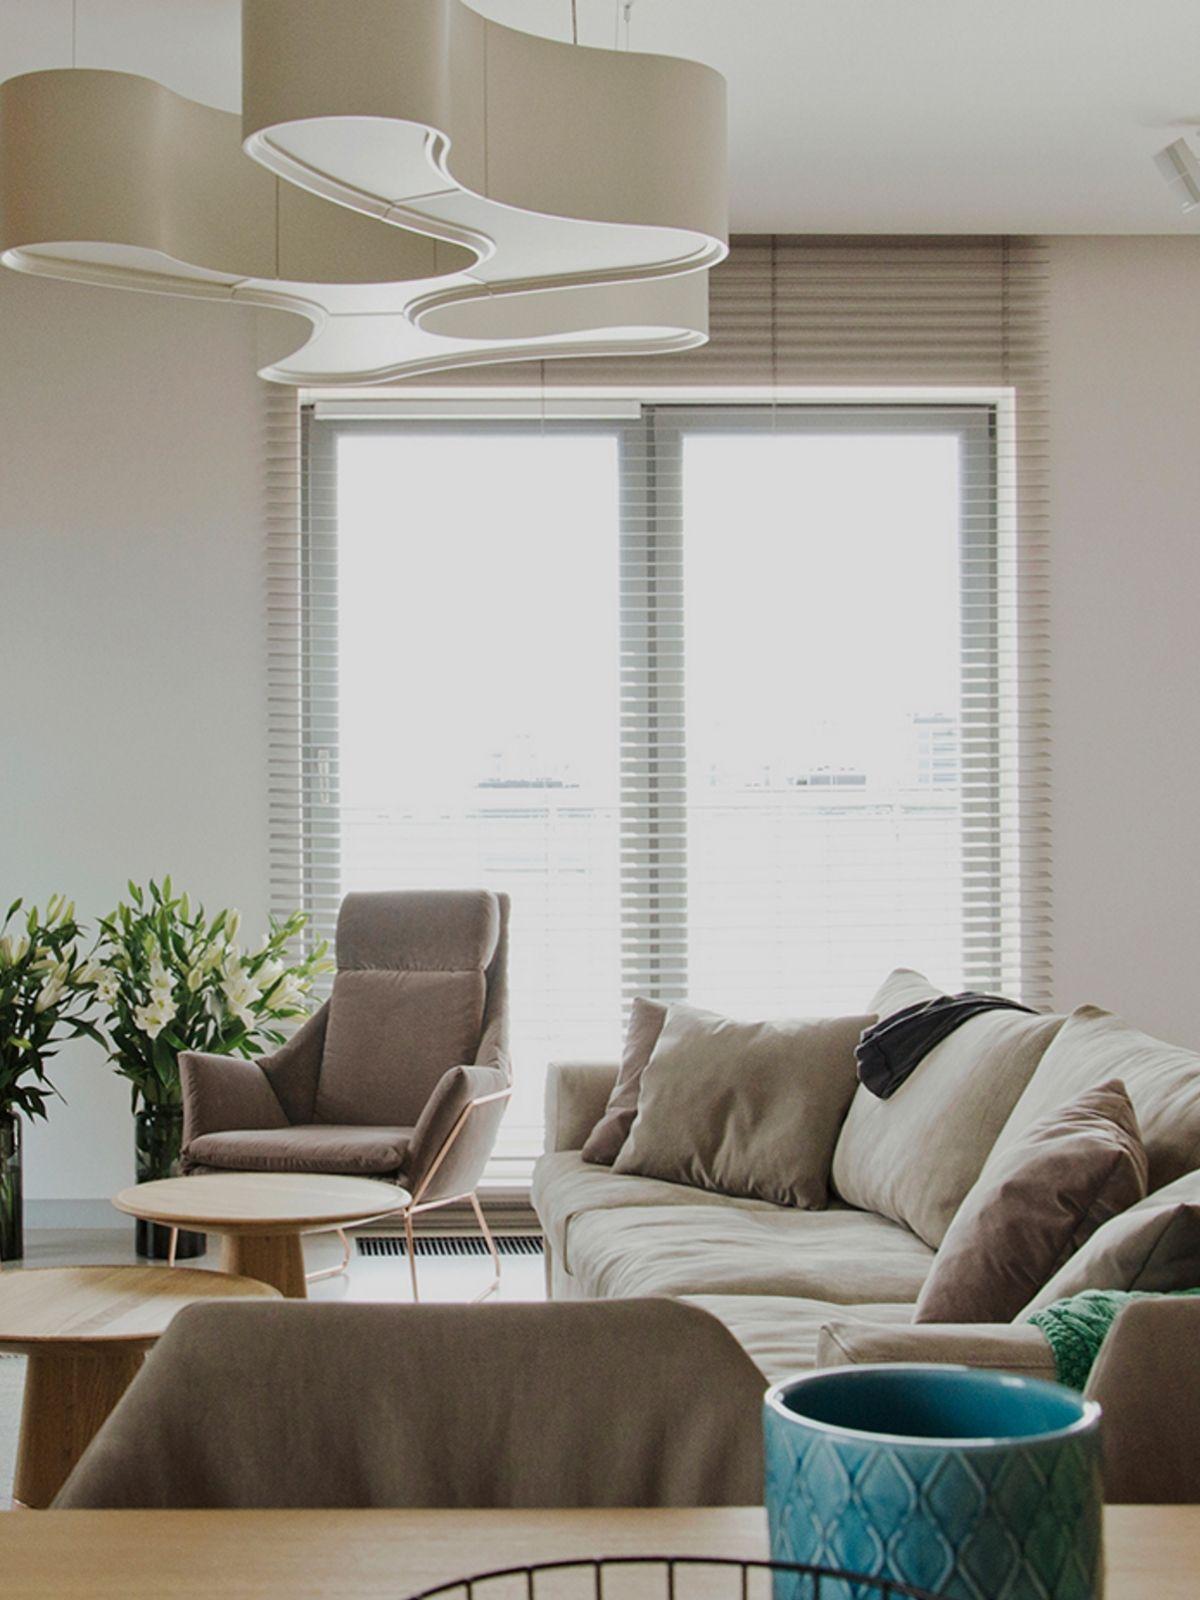 Wohnung In Pastell / Stil Fabrik Blog Christoph Baum